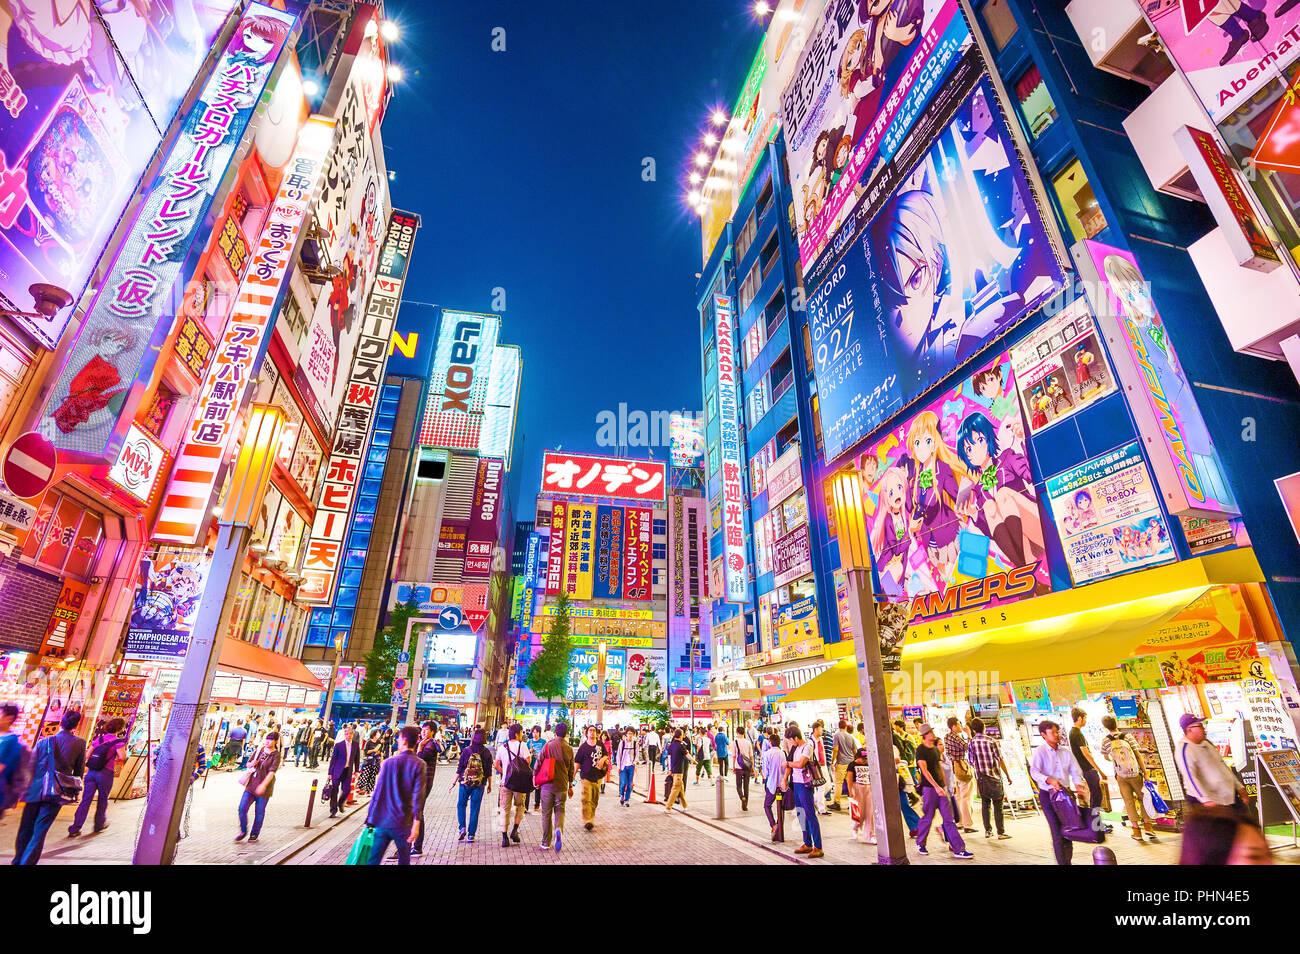 Akihabara Tokyo Electric Town Japon Panneaux D'Affichage Banque D'Images